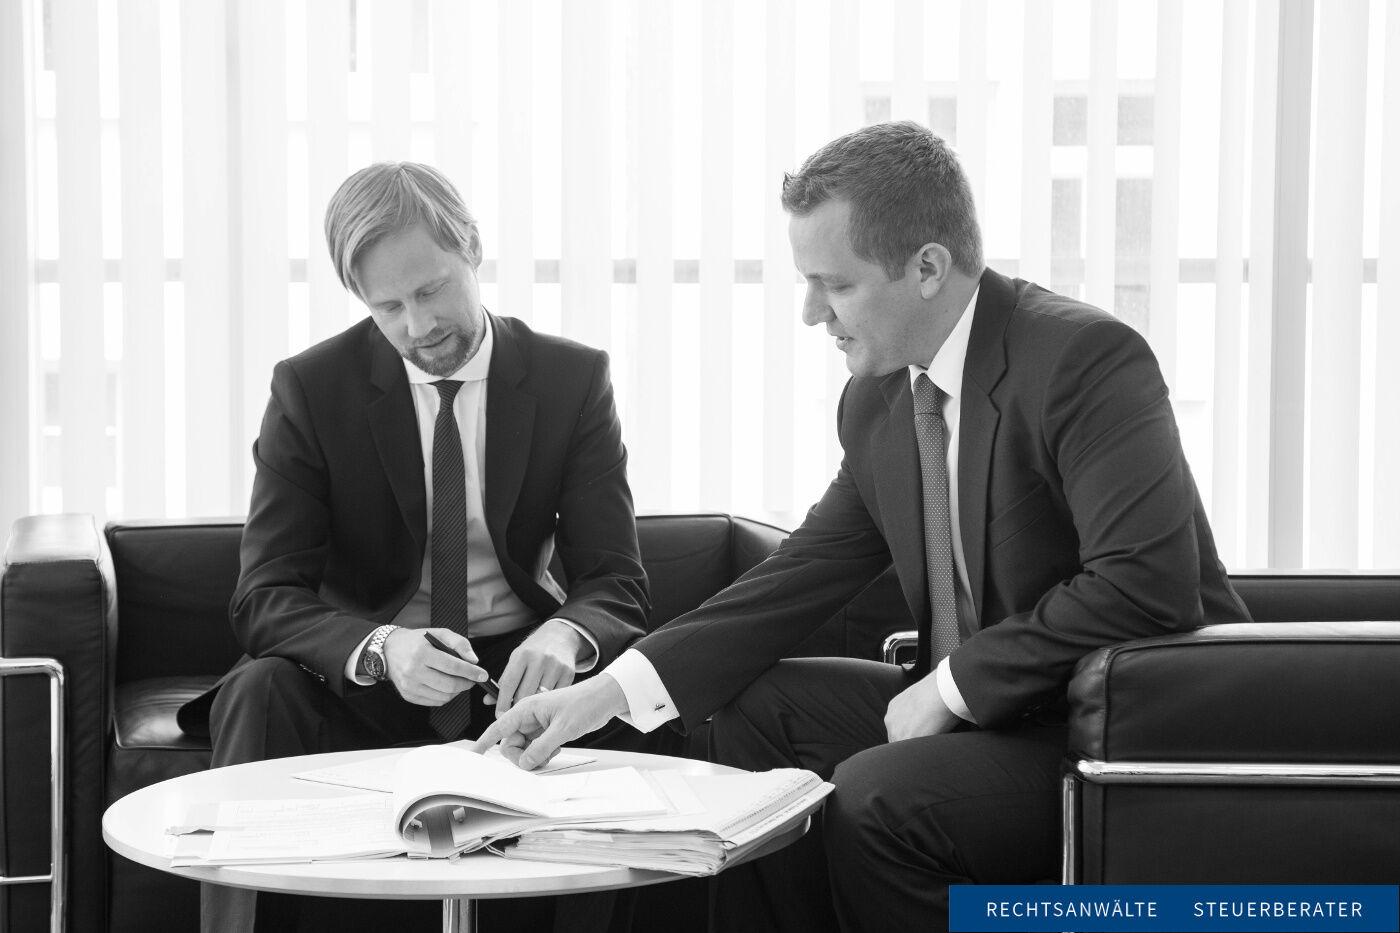 Rechtsanwalt (m/w/d) - Job Stuttgart - SNP Karriere - Application form